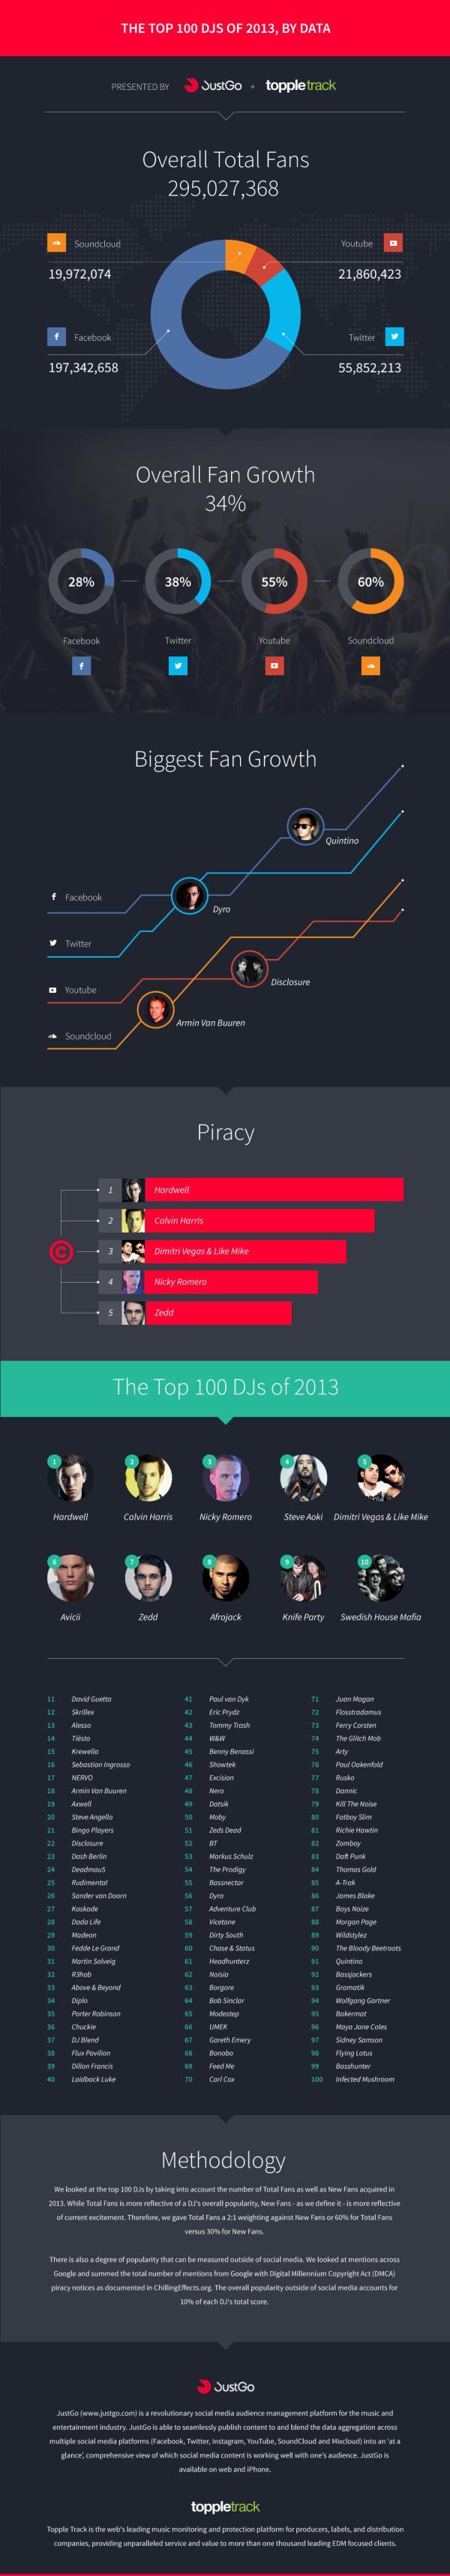 Top 100 DJ's of 2013